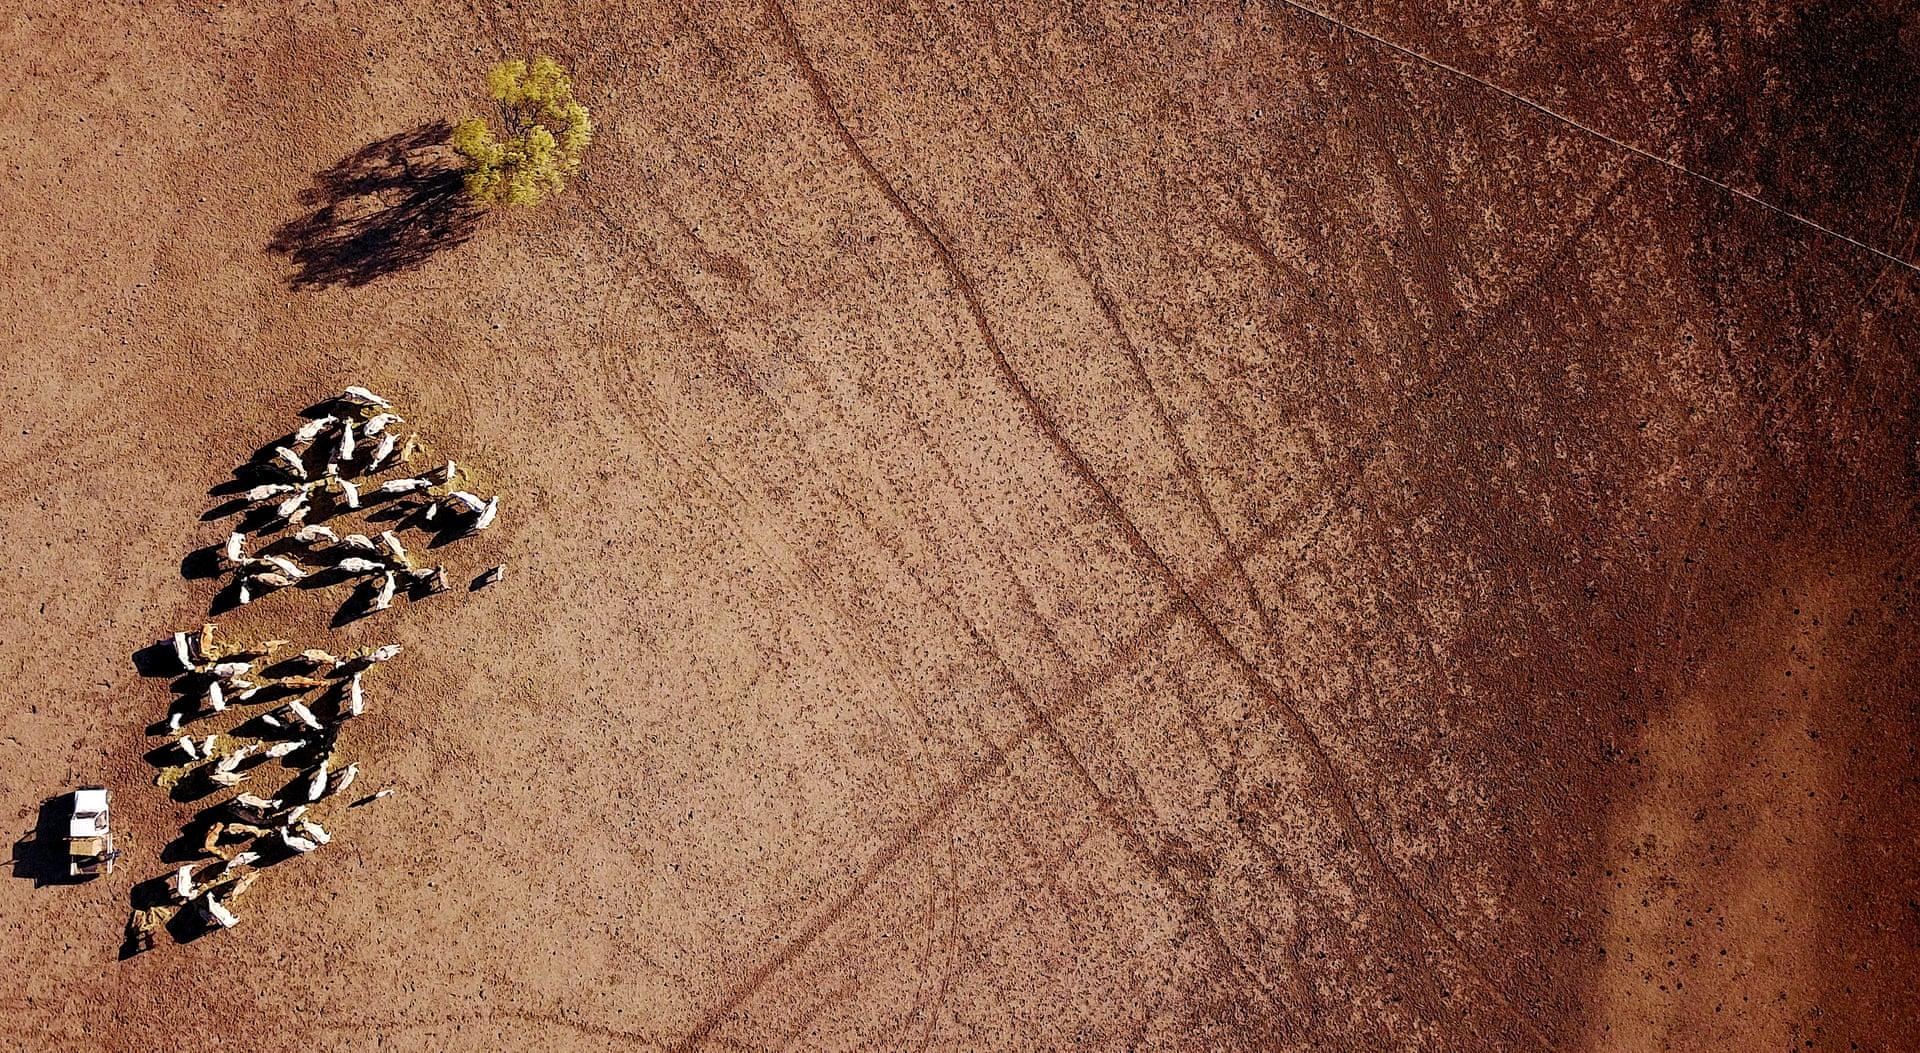 Фото дня: засуха в Австралии с высоты птичьего полета Фото дня: засуха в Австралии с высоты птичьего полета 3500 20 7